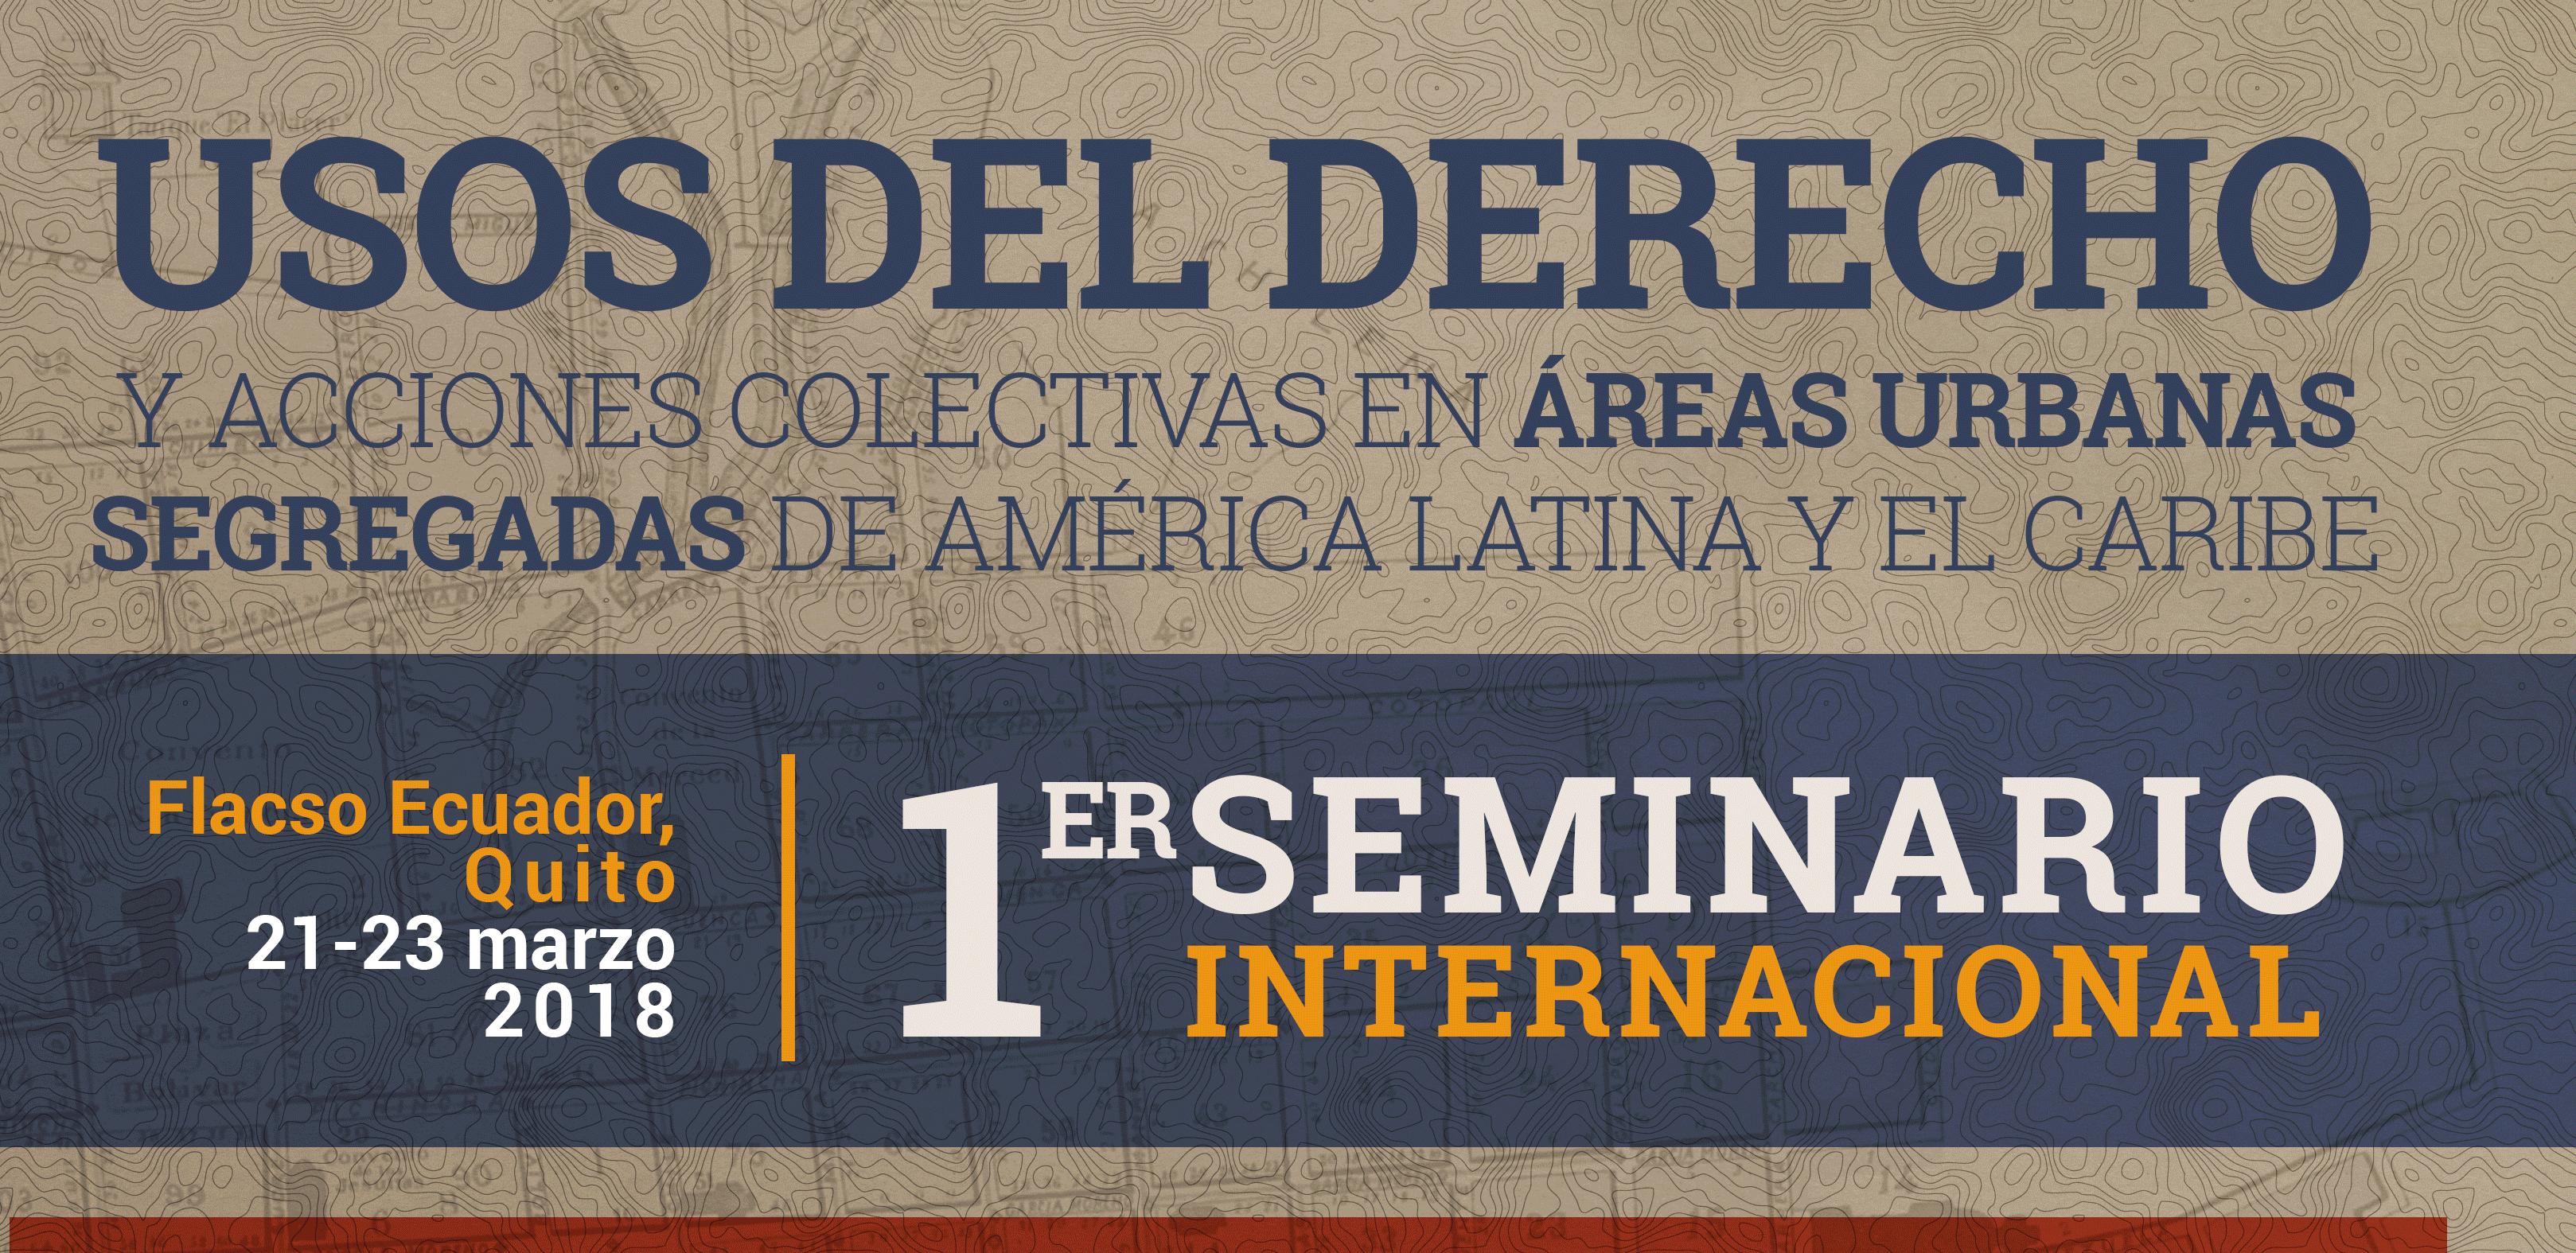 Primer seminario internacional: USOS DEL DERECHO Y ACCIONES COLECTIVAS EN ÁREAS URBANAS SEGREGADAS DE AMÉRICA LATINA Y EL CARIBE